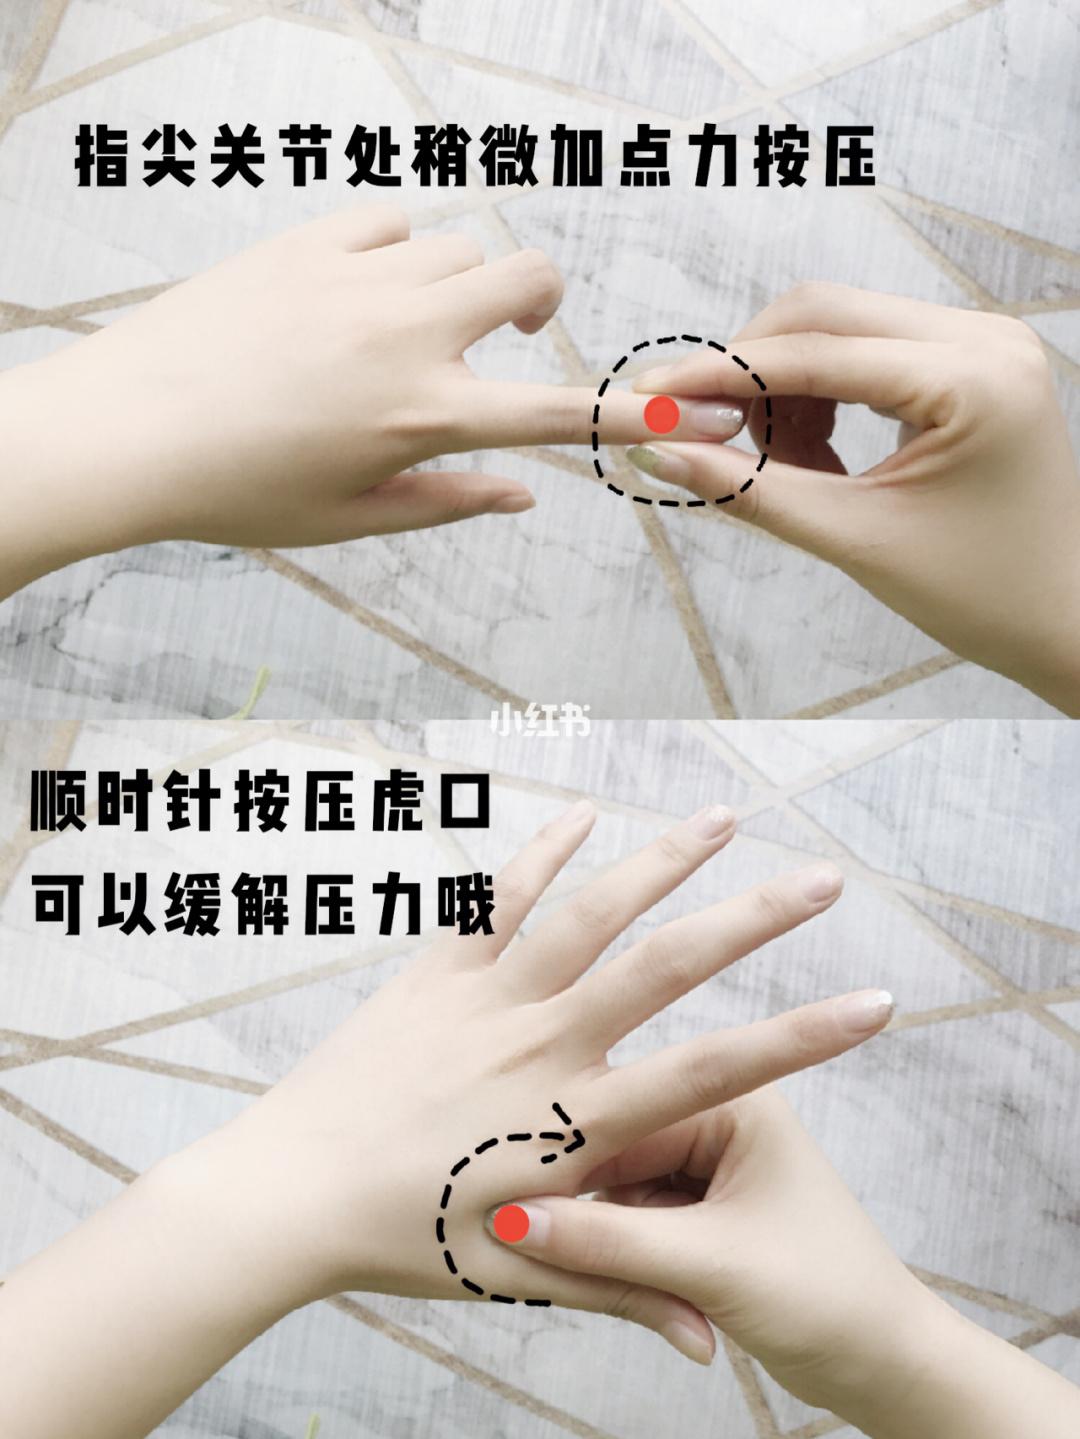 """Đôi tay thon dài """"vạn người mê"""" hóa ra có thể đạt được chỉ nhờ vài ba bước massage đơn giản mỗi ngày - Ảnh 5."""